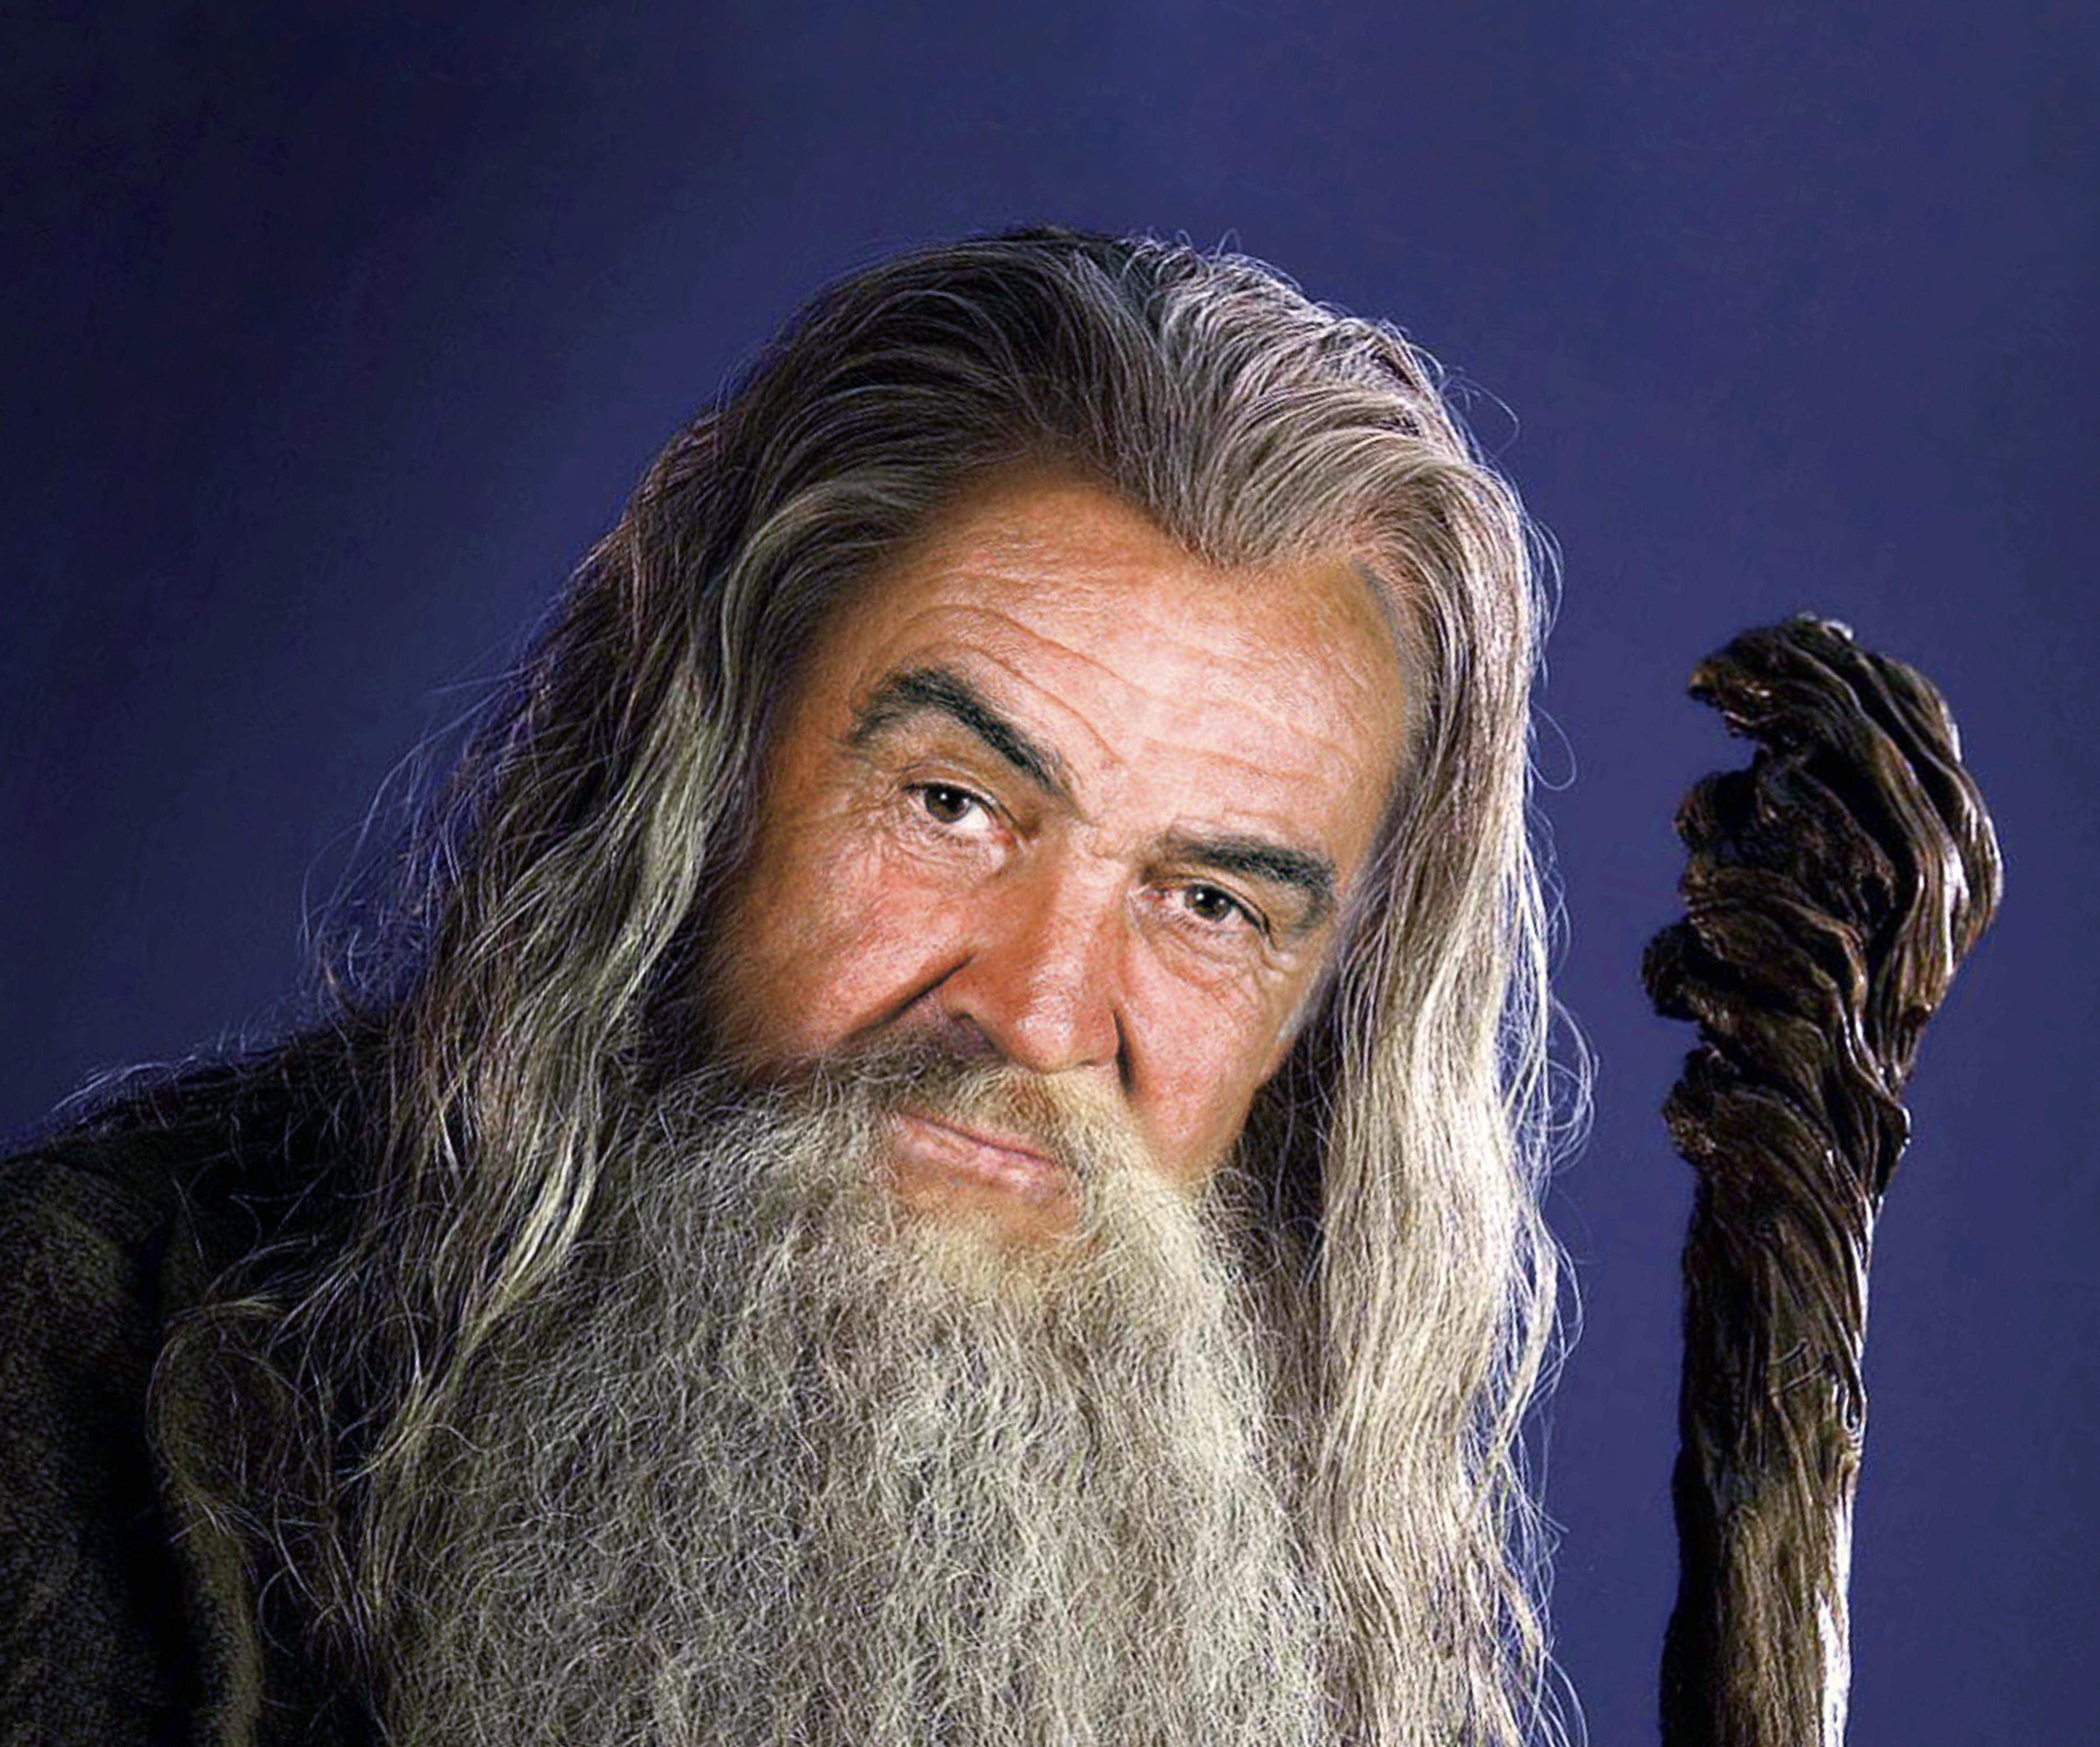 A long bearded look like Sean Connery wears.